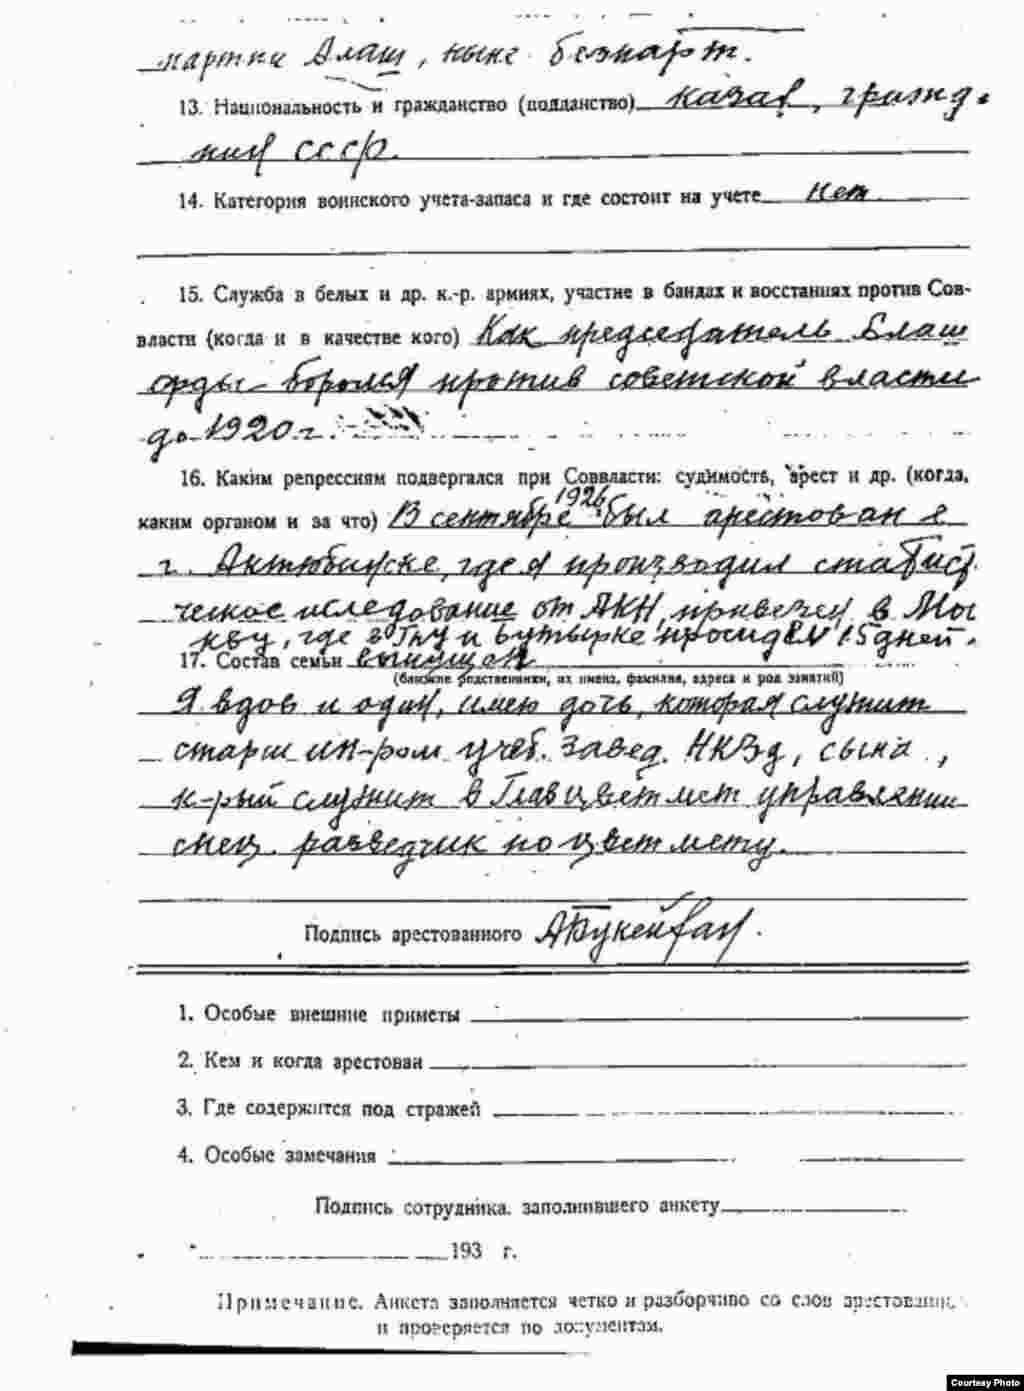 Фрагмент анкеты, собственноручно заполненной Алиханом Букейхановым после его задержания в июле 1937 года. Документ из архива ФСБ России.